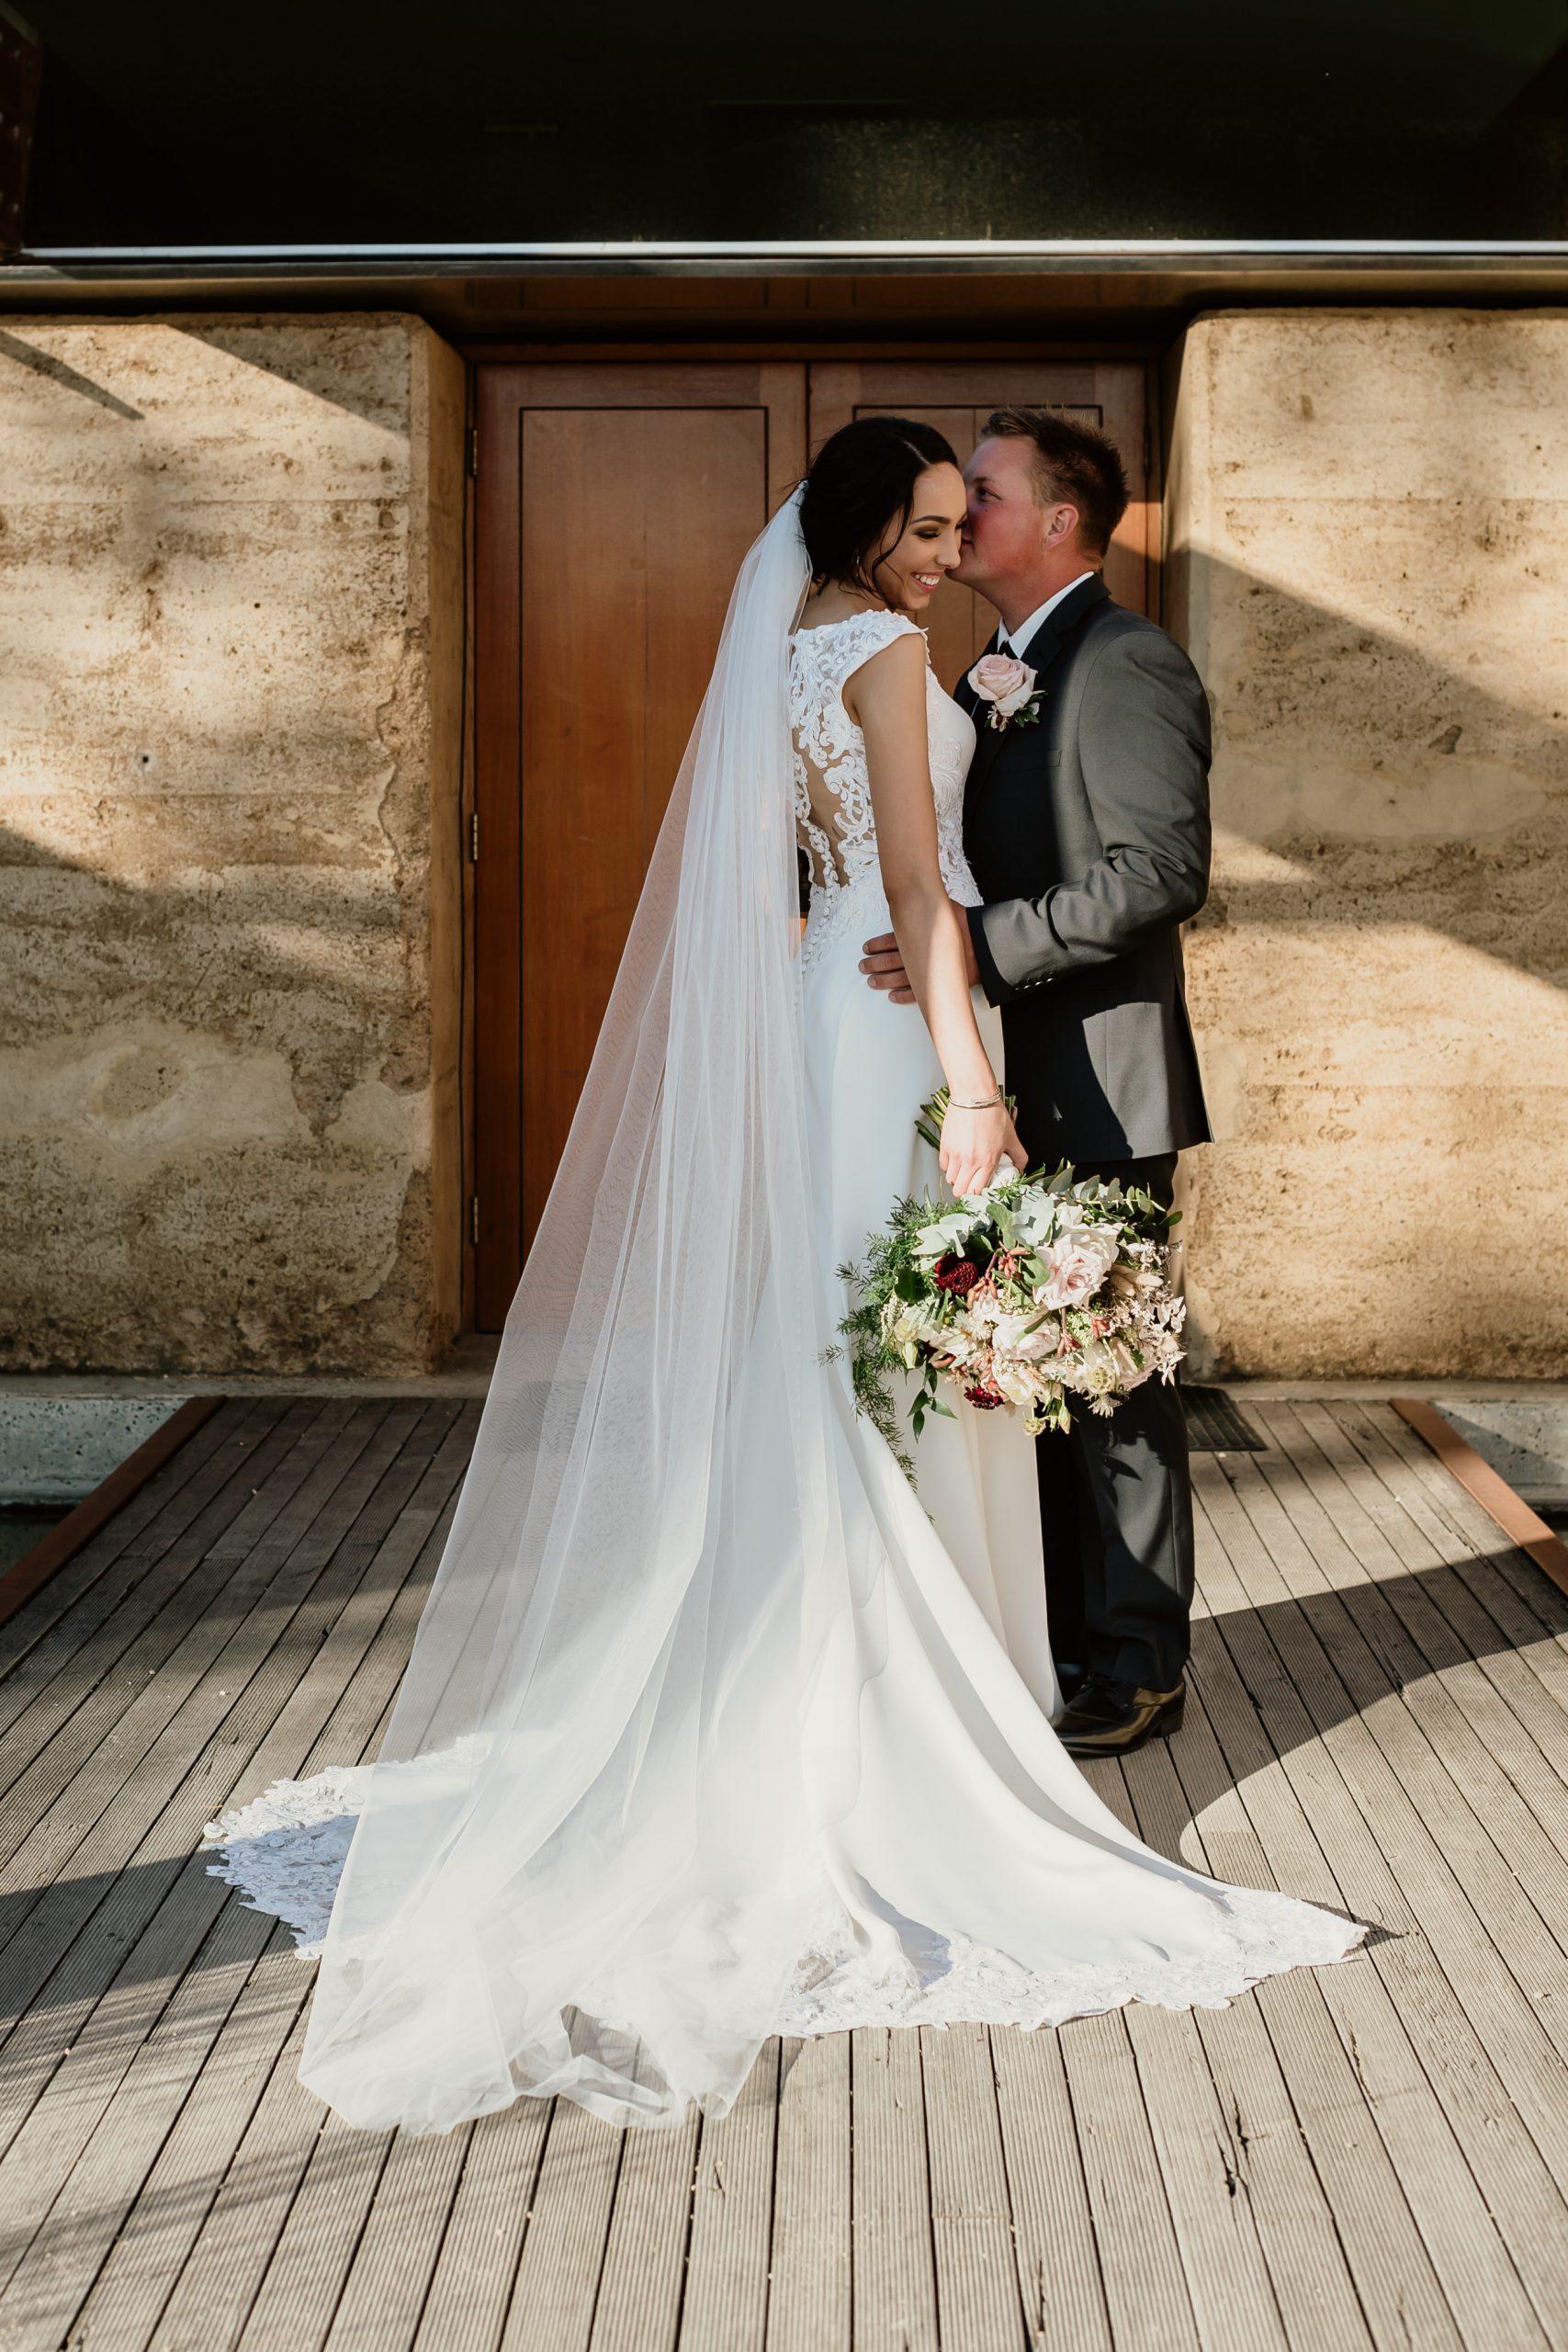 Sabrynah & Zac Wedding Photos